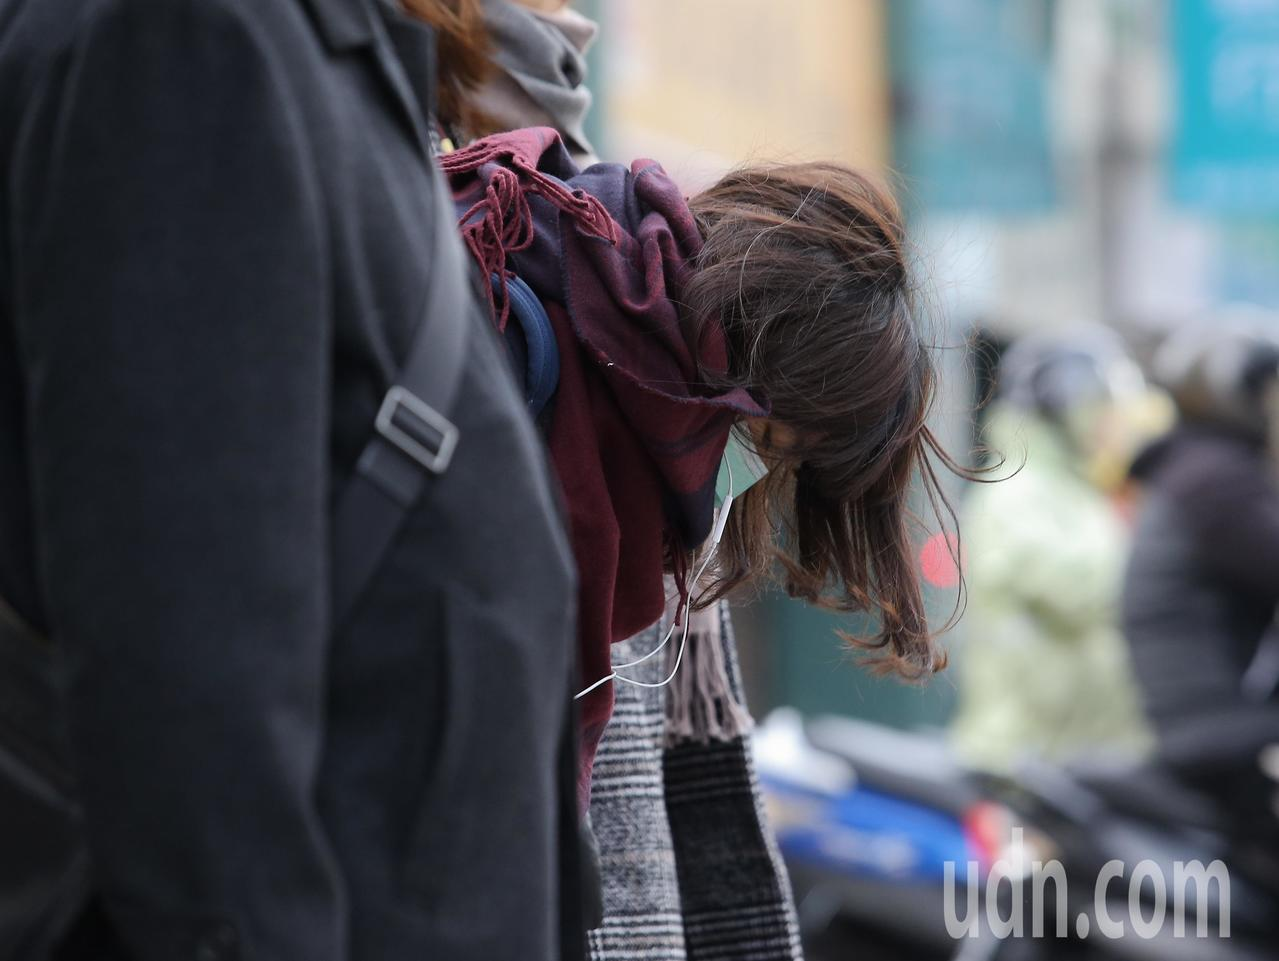 寒流持續發威,台北市許多民眾穿著厚重禦寒衣物上班,將自己包得緊緊避免受寒。記者余...